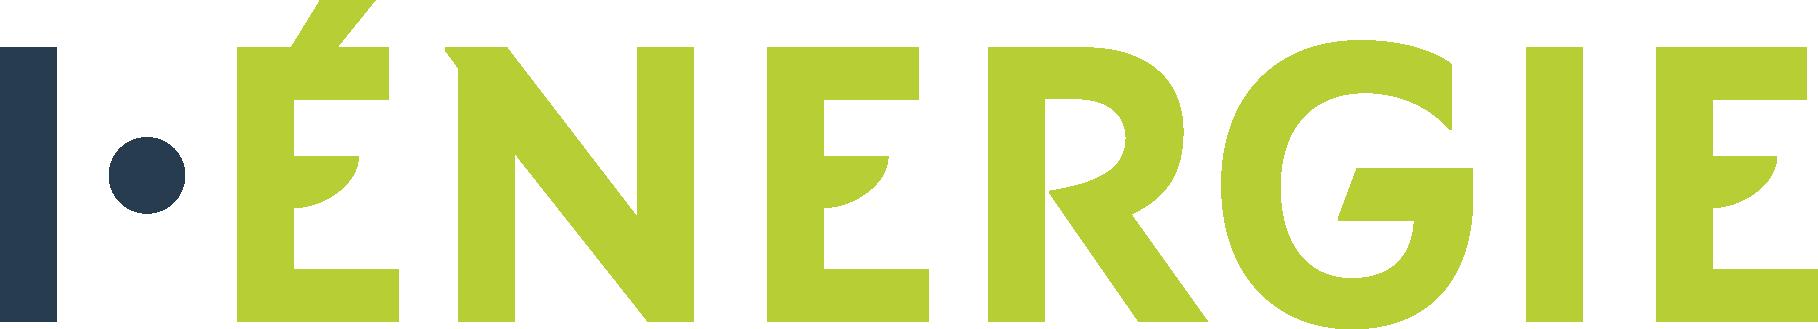 logo I-energie